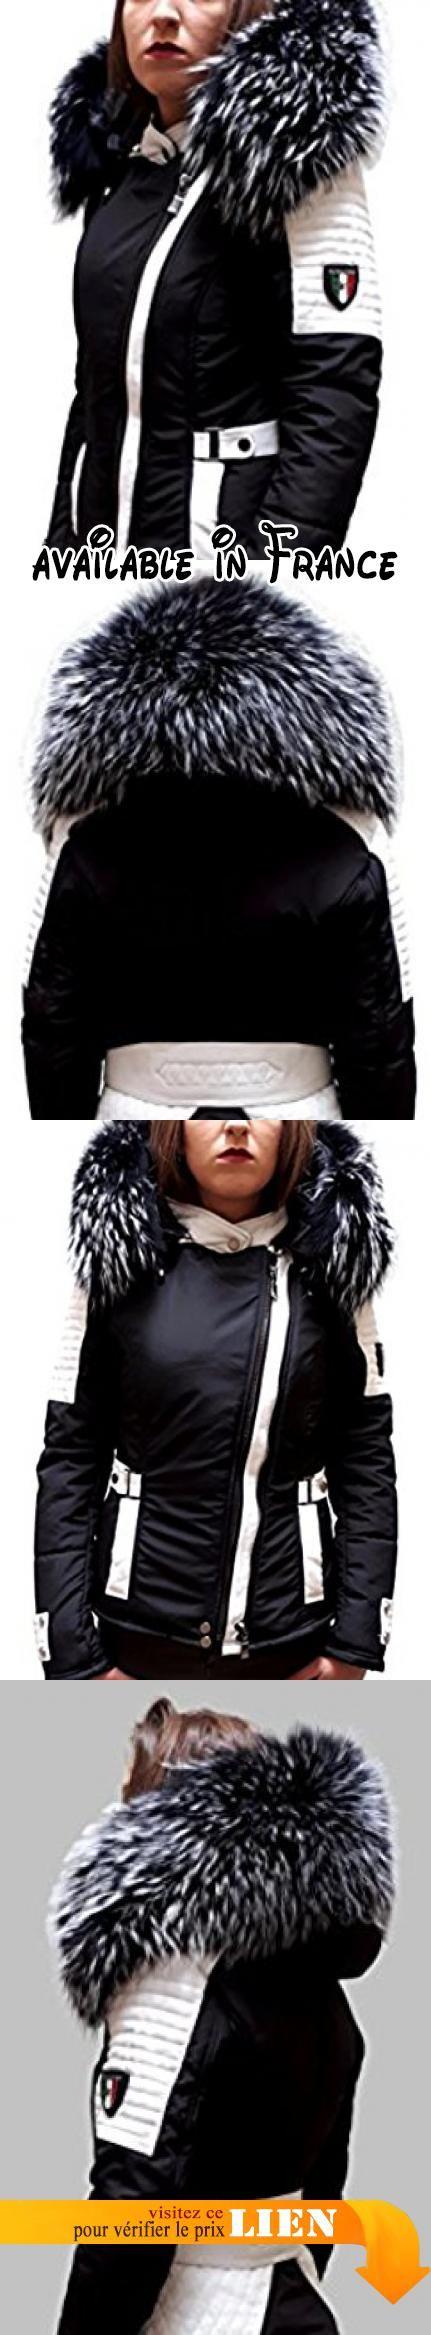 Silverstorn Doudoune cuir et fourrure Bi-Matière, Cuir D'agneau, Silverstorn, Noir et Blanc, blouson, doudoune ,Veste, Perfecto Femme, coupe cintrée, doudoune femme.  #Apparel #BLAZER